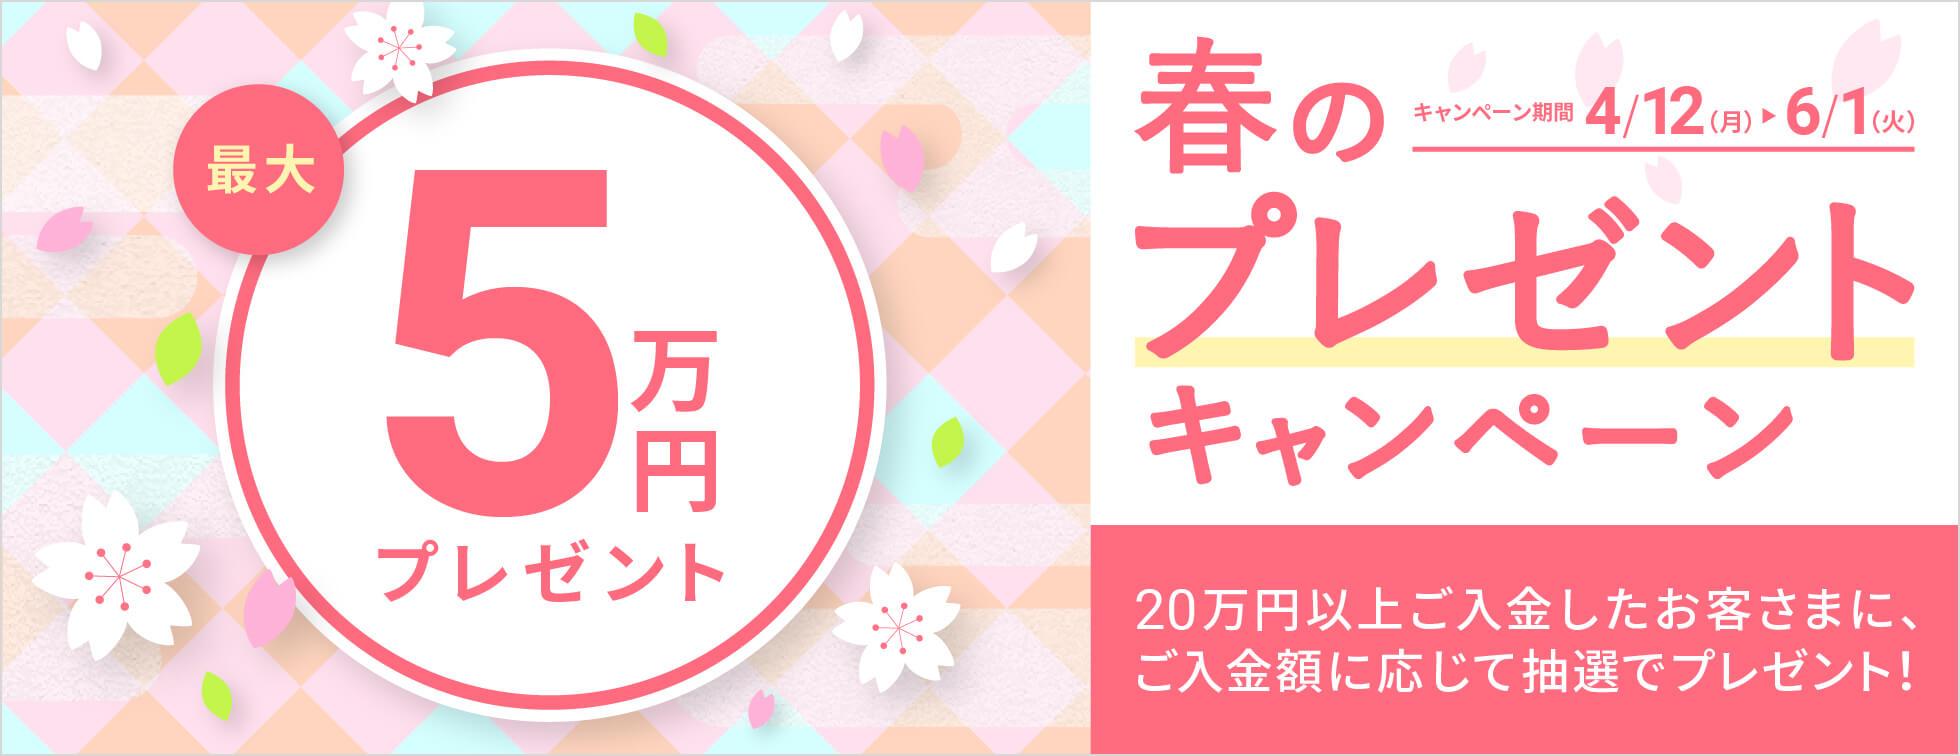 春のプレゼントキャンペーン